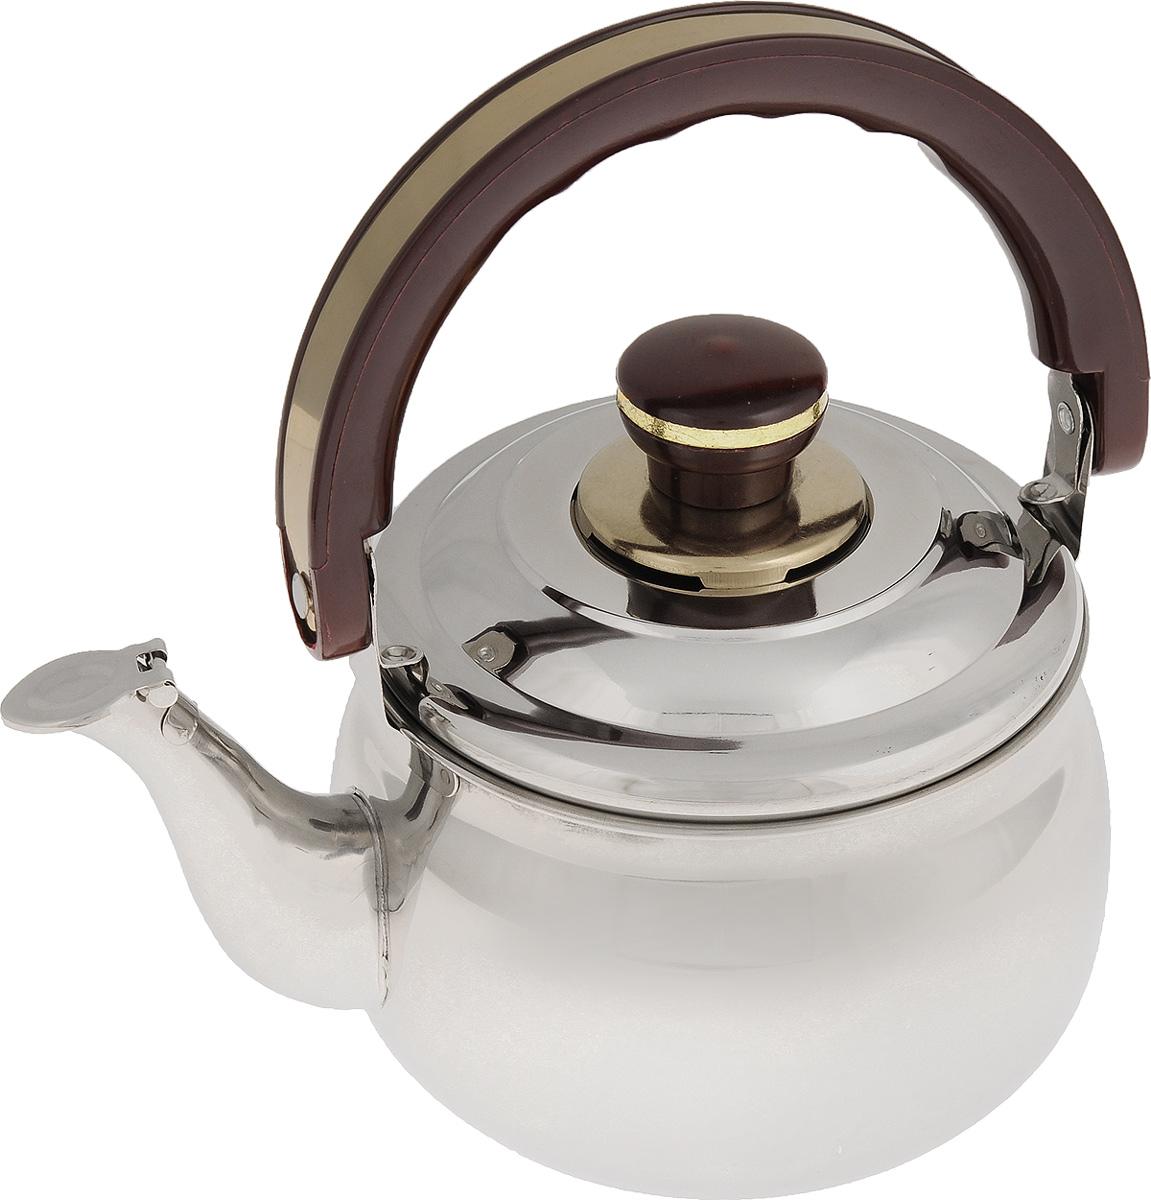 Чайник Mayer & Boch, со свистком, 1,5 л. 77817781Чайник Mayer & Boch изготовлен из высококачественной нержавеющей стали с зеркальной полировкой. Нержавеющая сталь не окисляется и не впитывает запахи, поэтому напитки всегда будут ароматными и иметь натуральный вкус. Капсулированное дно с прослойкой из алюминия обеспечивает наилучшее распределение тепла. Крышка чайника оснащена свистком, что позволит контролировать процесс подогрева или кипячения воды. Подвижная бакелитовая ручка имеет эргономичную форму, обеспечивая дополнительное удобство при разлитии напитка. Широкое верхнее отверстие поможет удобно налить воду. Чайник подходит для использования на электрических, газовых, стеклокерамических плитах. Можно мыть в посудомоечной машине. Диаметр чайника (по верхнему краю): 13,5 см. Высота чайника (без учета ручки и крышки): 9,5 см.